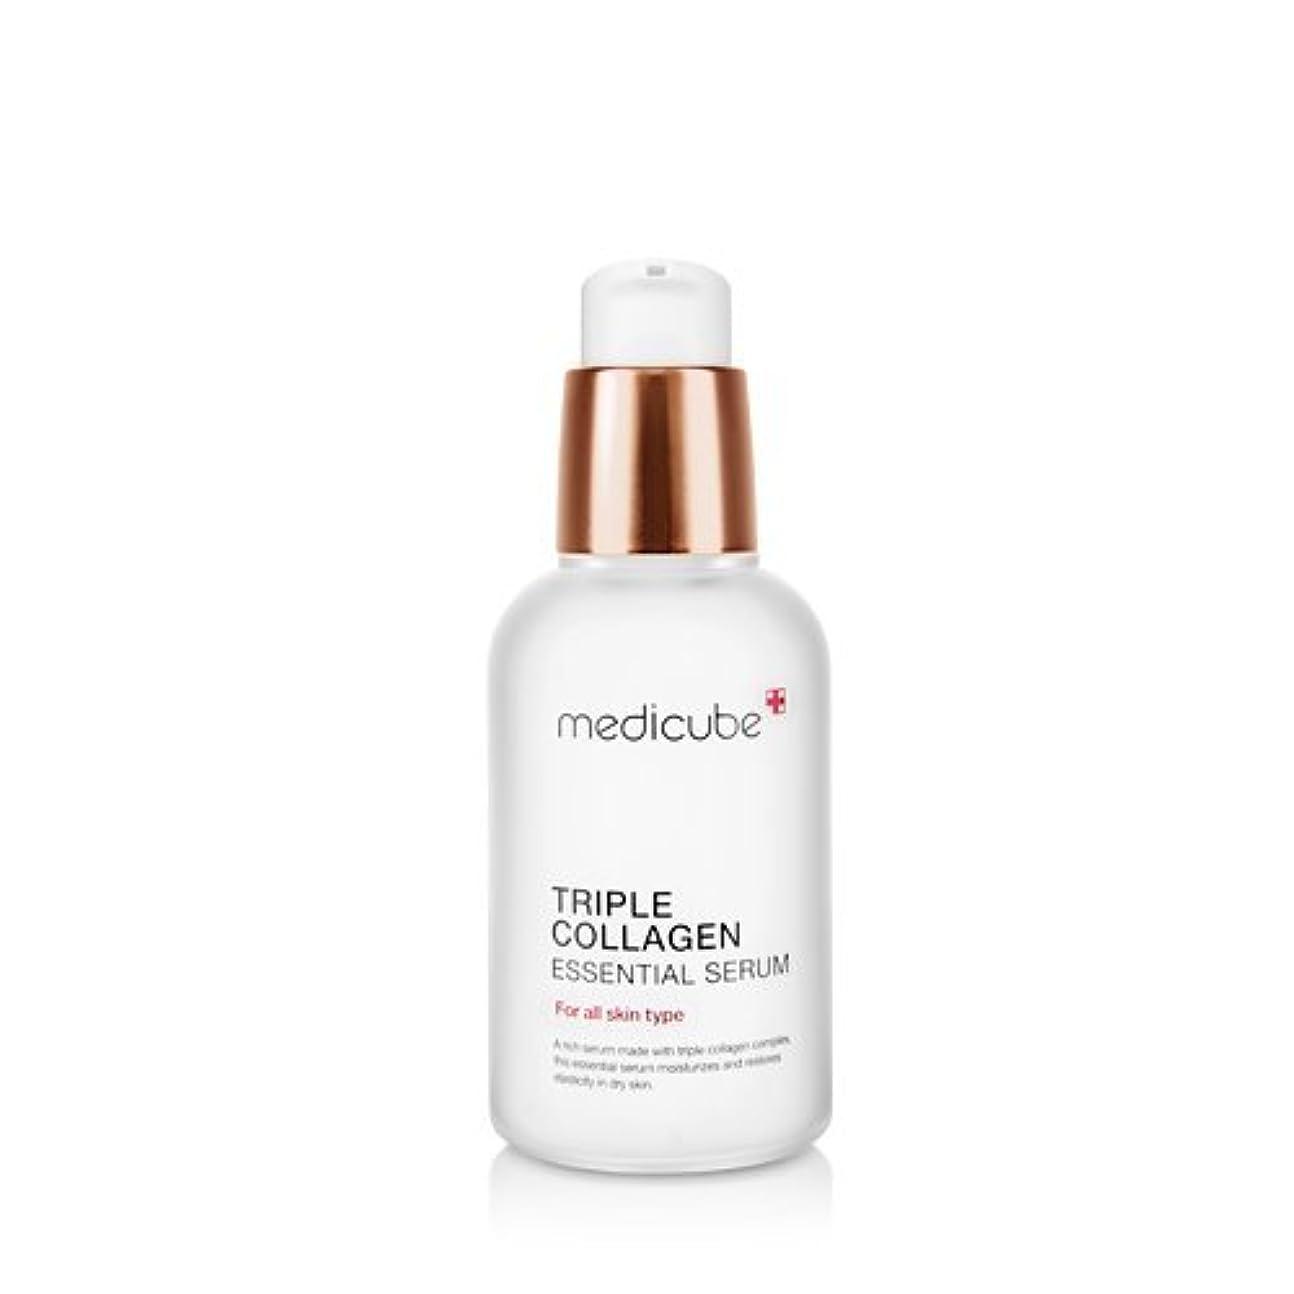 乗算免疫する水族館medicube Triple Collagen Essential Serum 50ml/メディキューブ トリプル コラーゲン エッセンシャル セラム 50ml [並行輸入品]